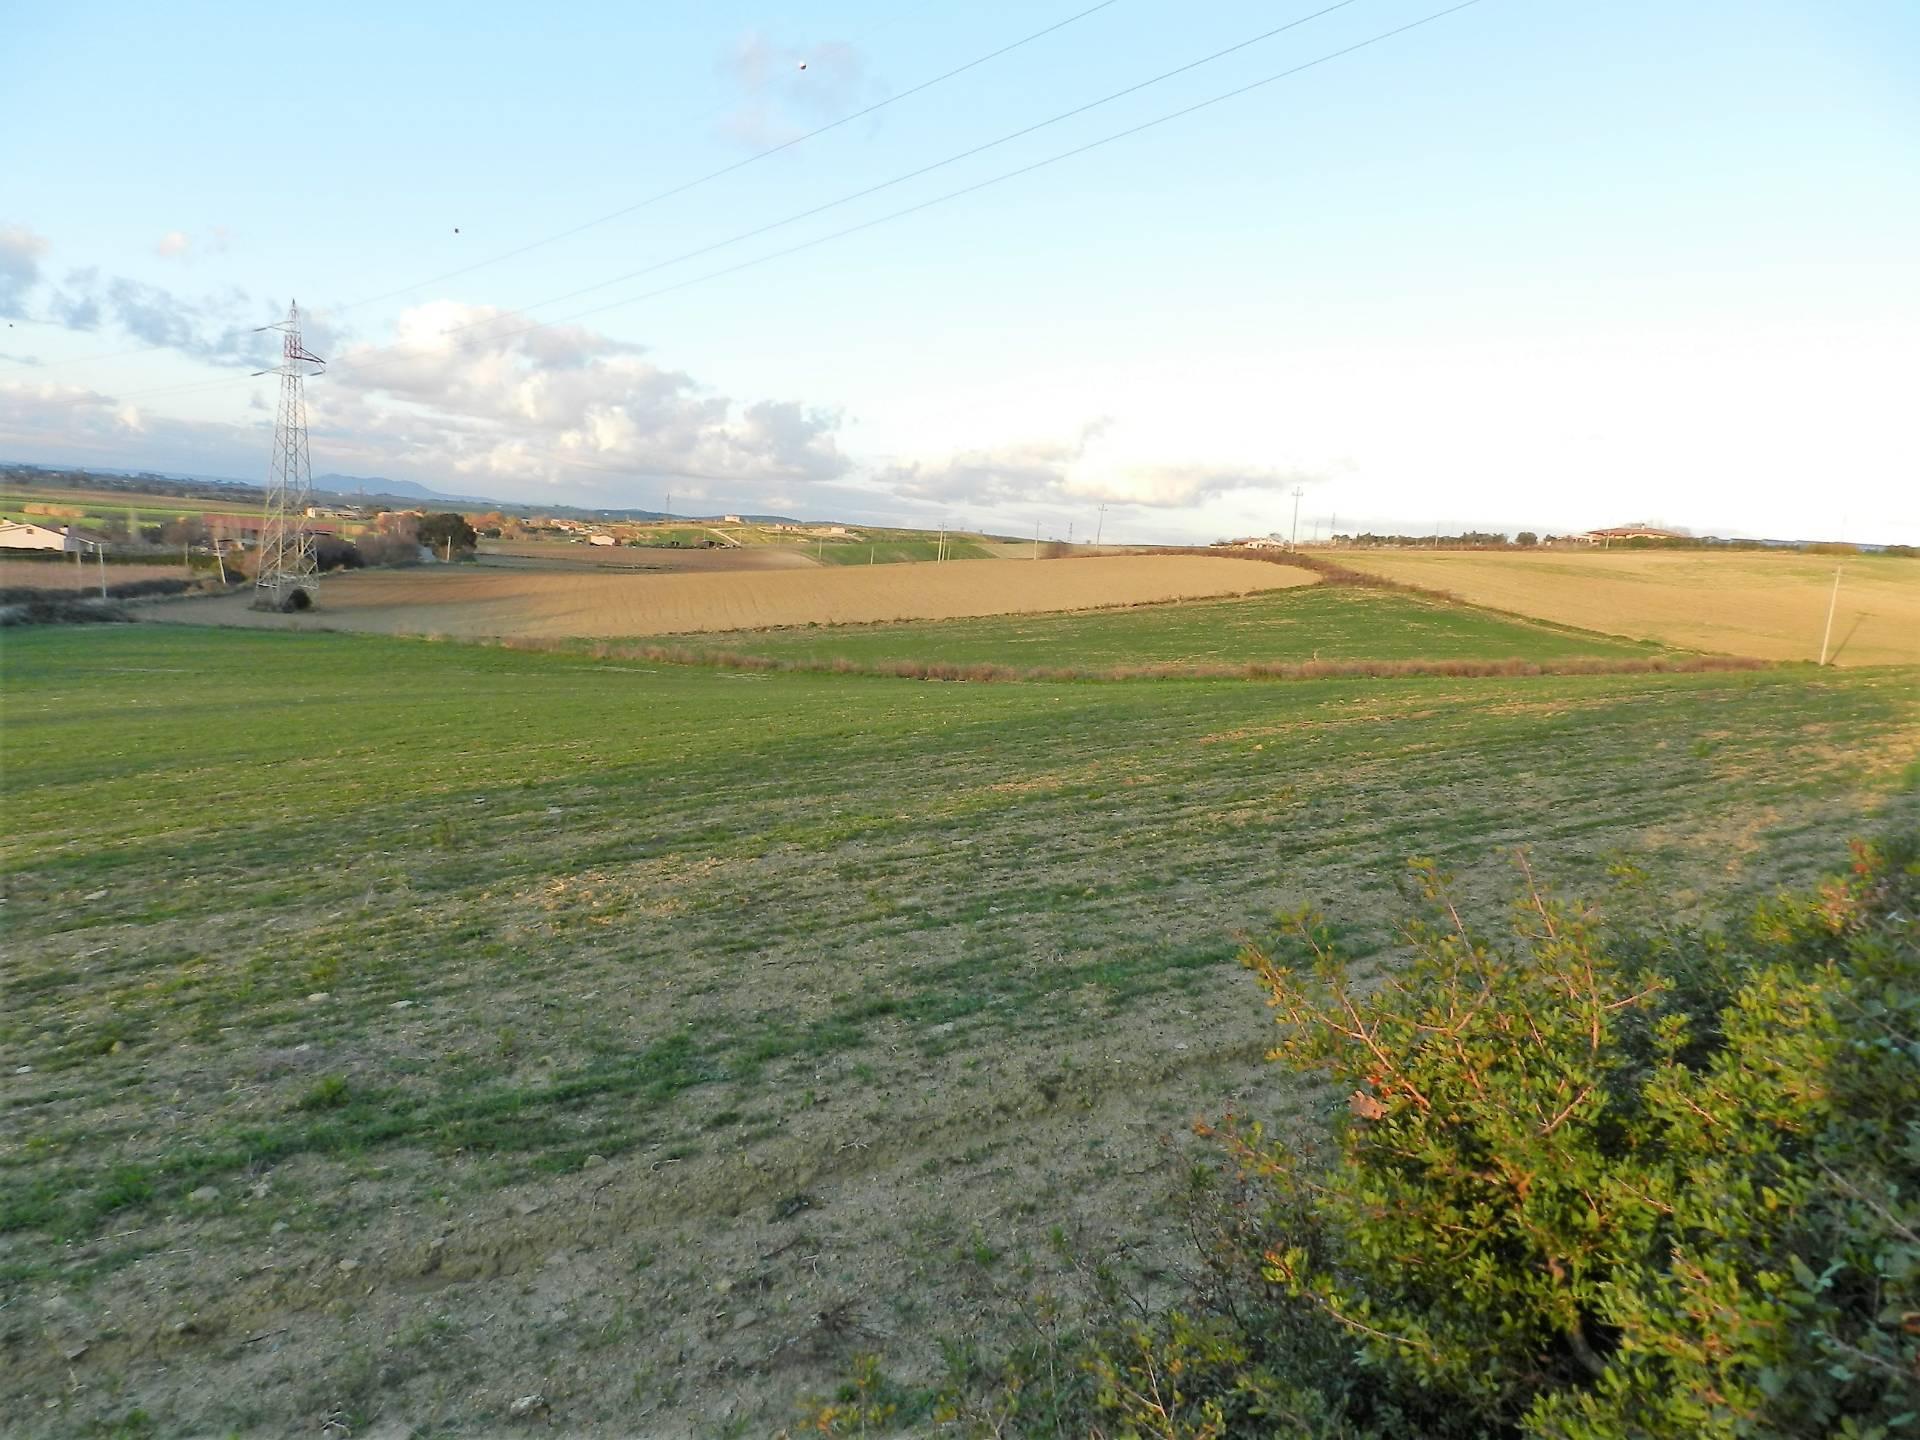 Terreno Agricolo in vendita a Tarquinia, 9999 locali, zona Località: Campagna, prezzo € 35.000 | CambioCasa.it